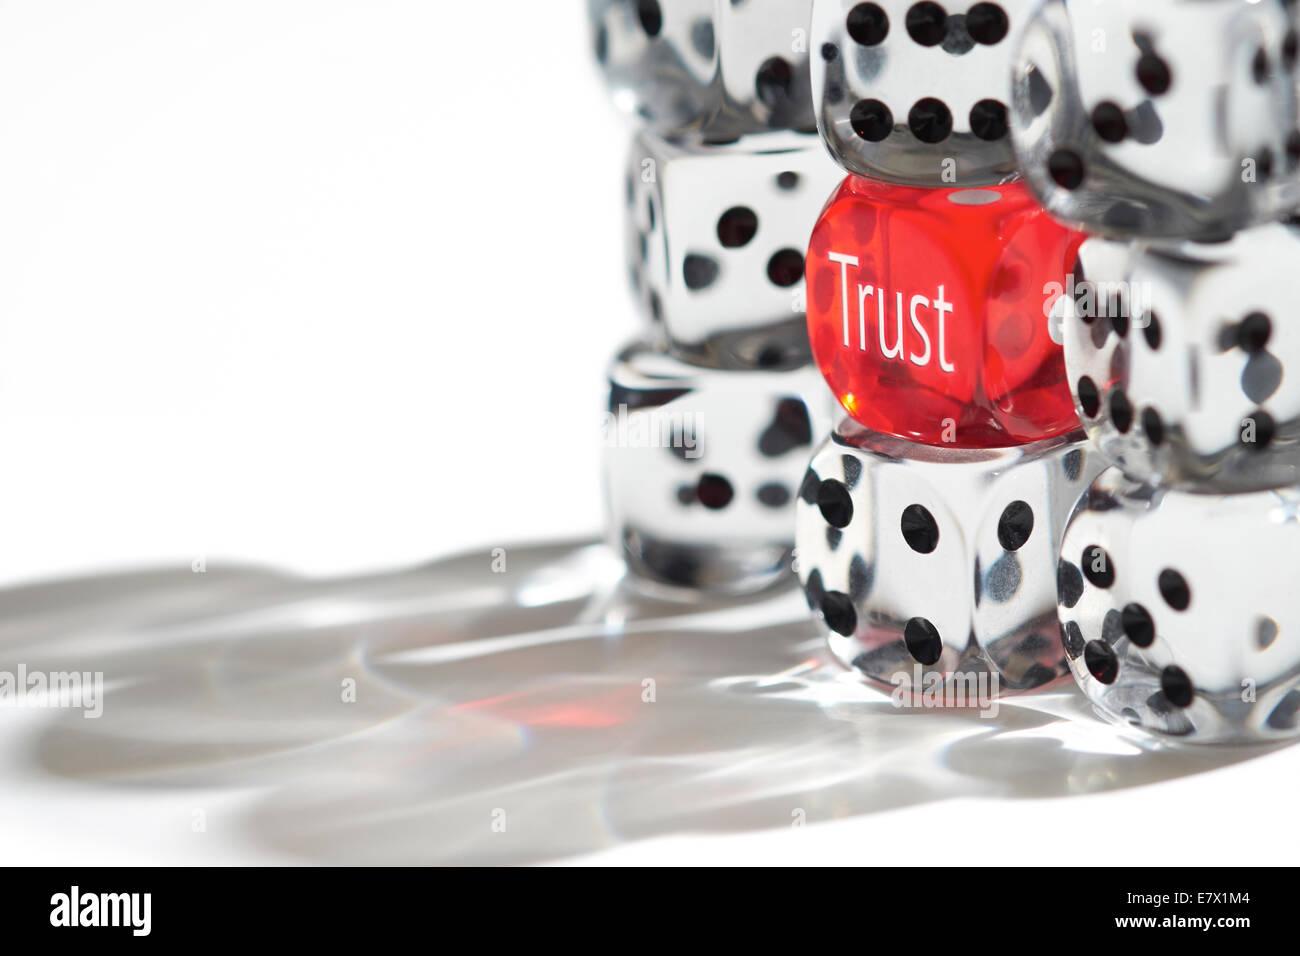 Dadi rossi in piedi fuori dalla folla, il concetto di trust. Immagini Stock